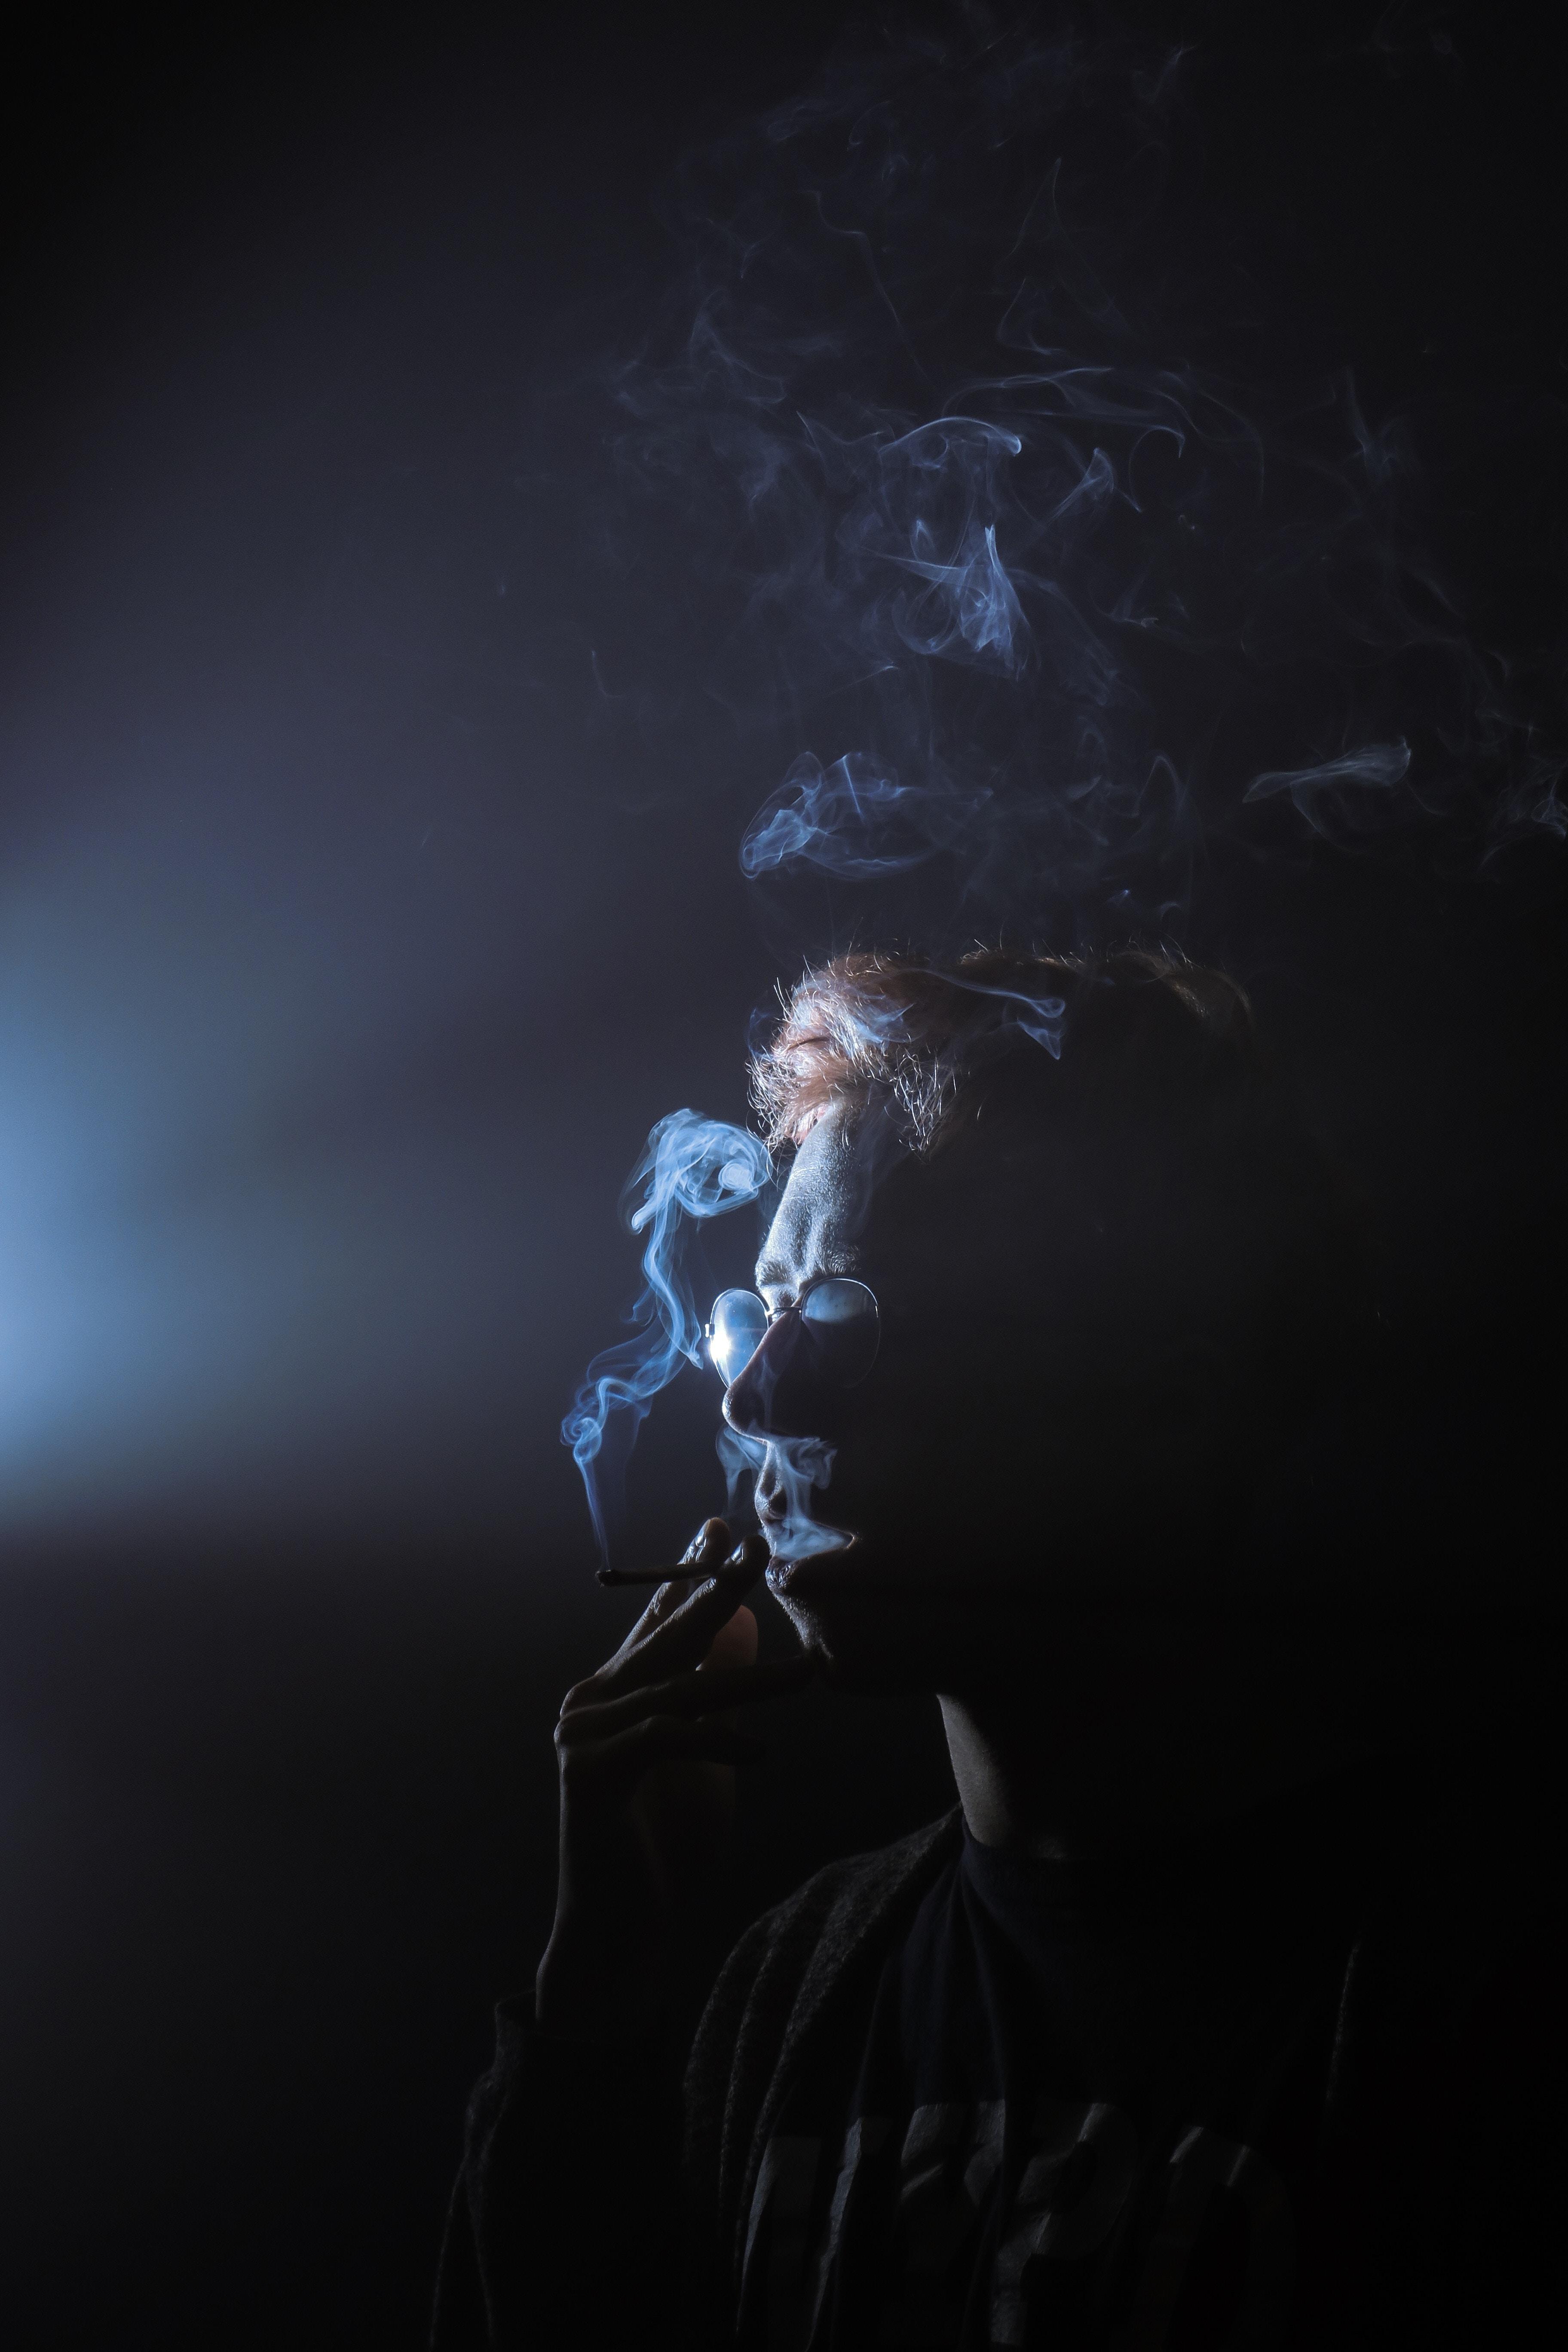 silhouette of smoking man